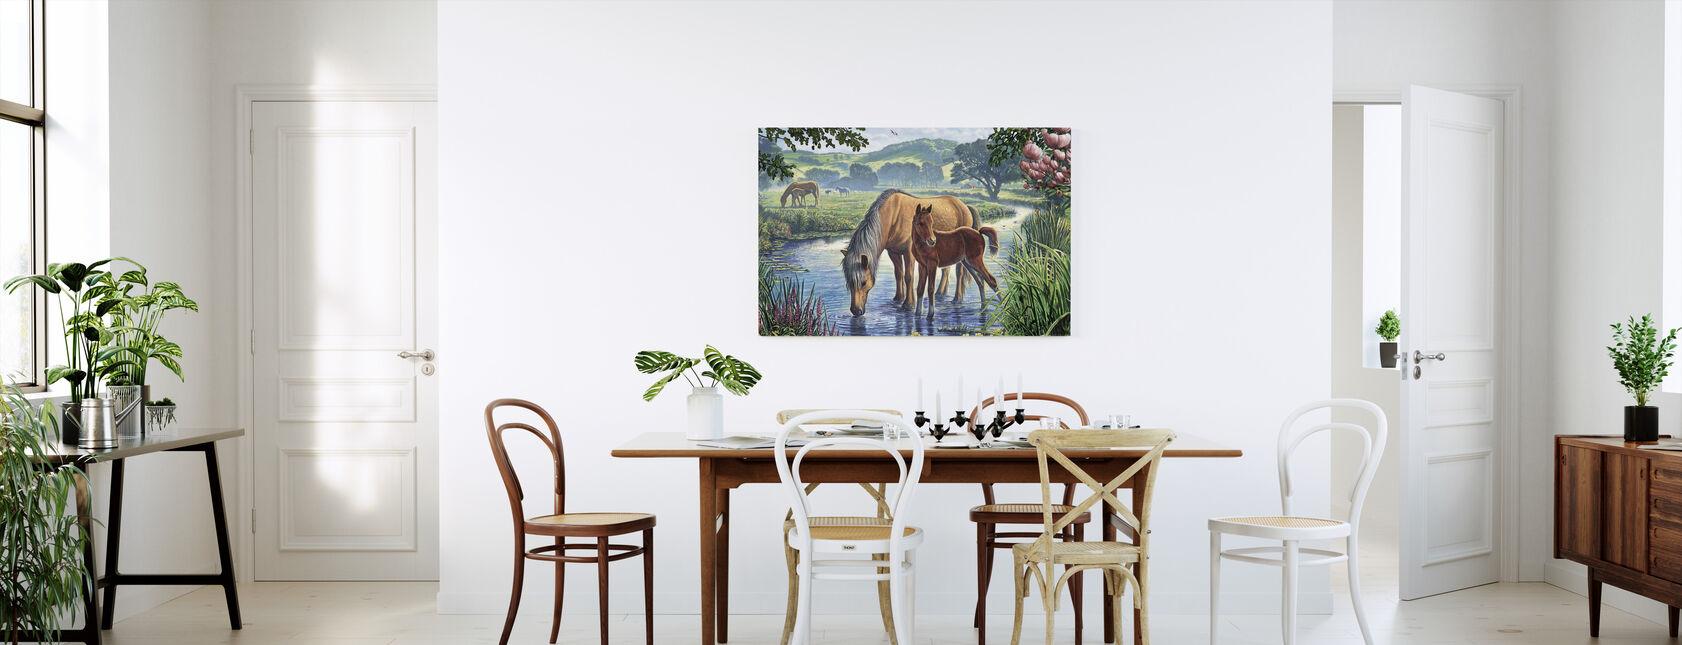 Fälld ponnyer Dricksvatten - Canvastavla - Kök